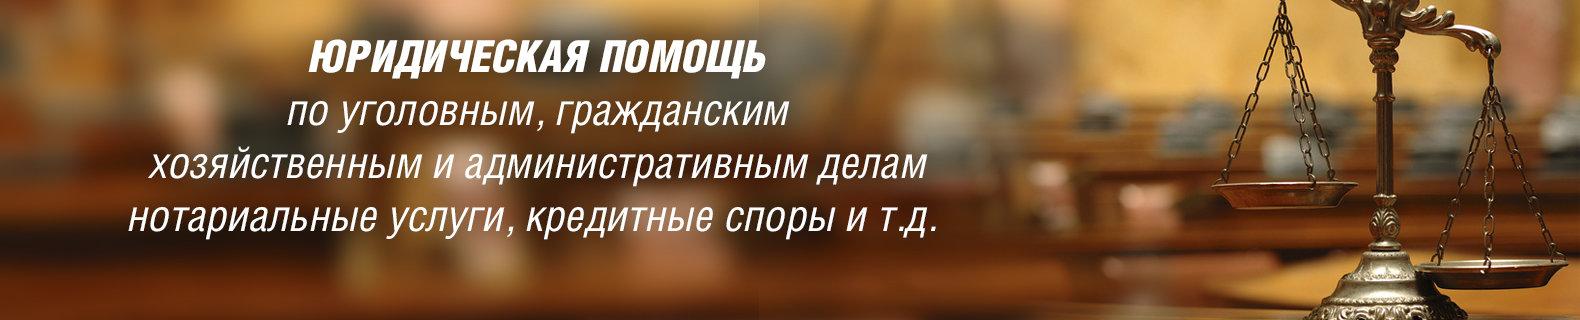 юридические консультации орджоникидзевский район бесплатно